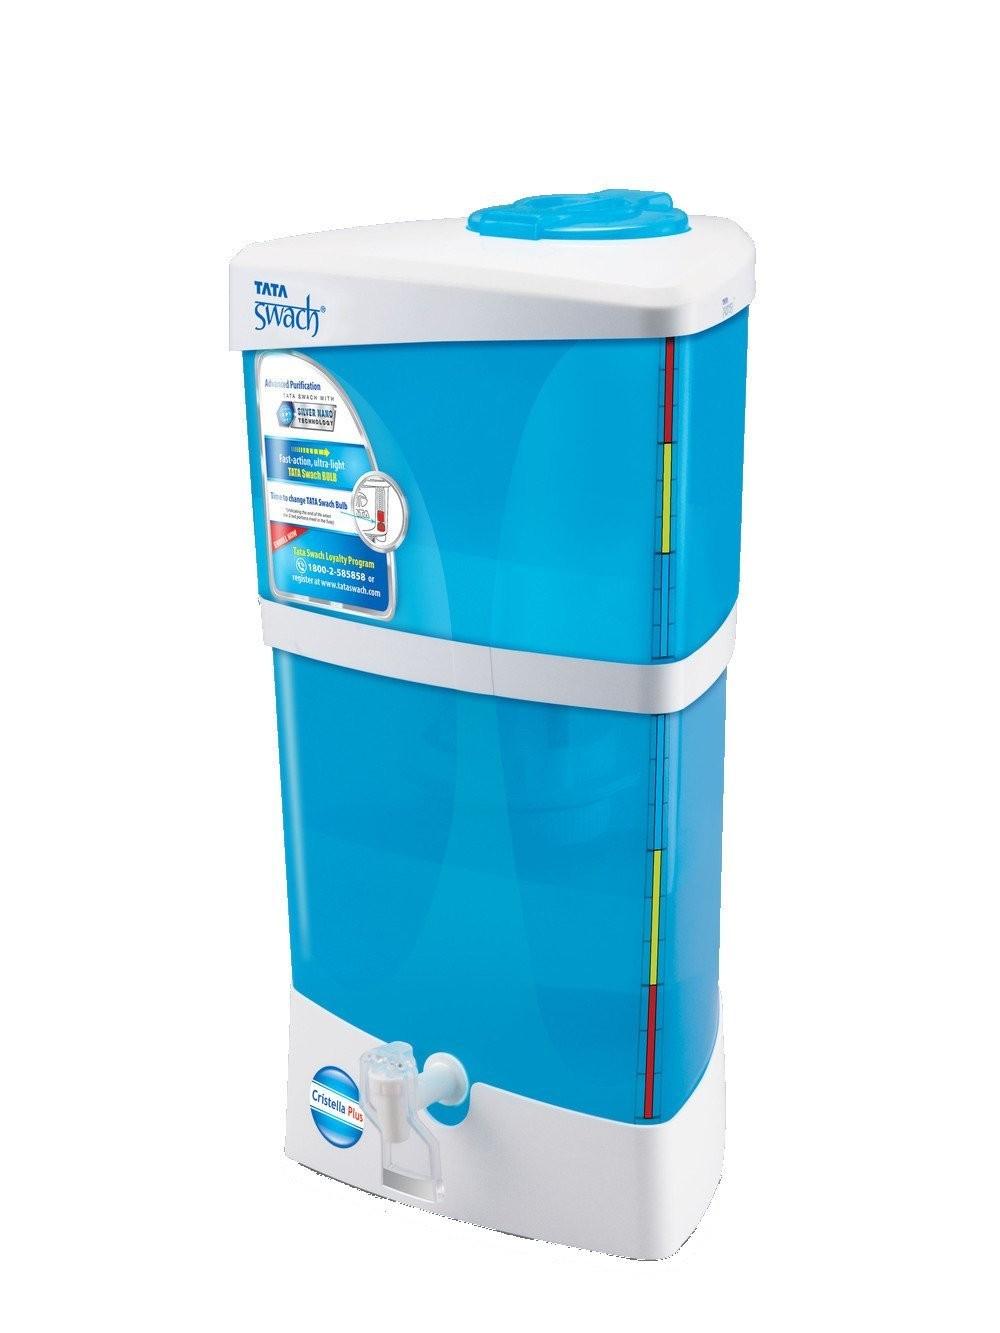 Tata Swach Water Purifier Cristella Plus